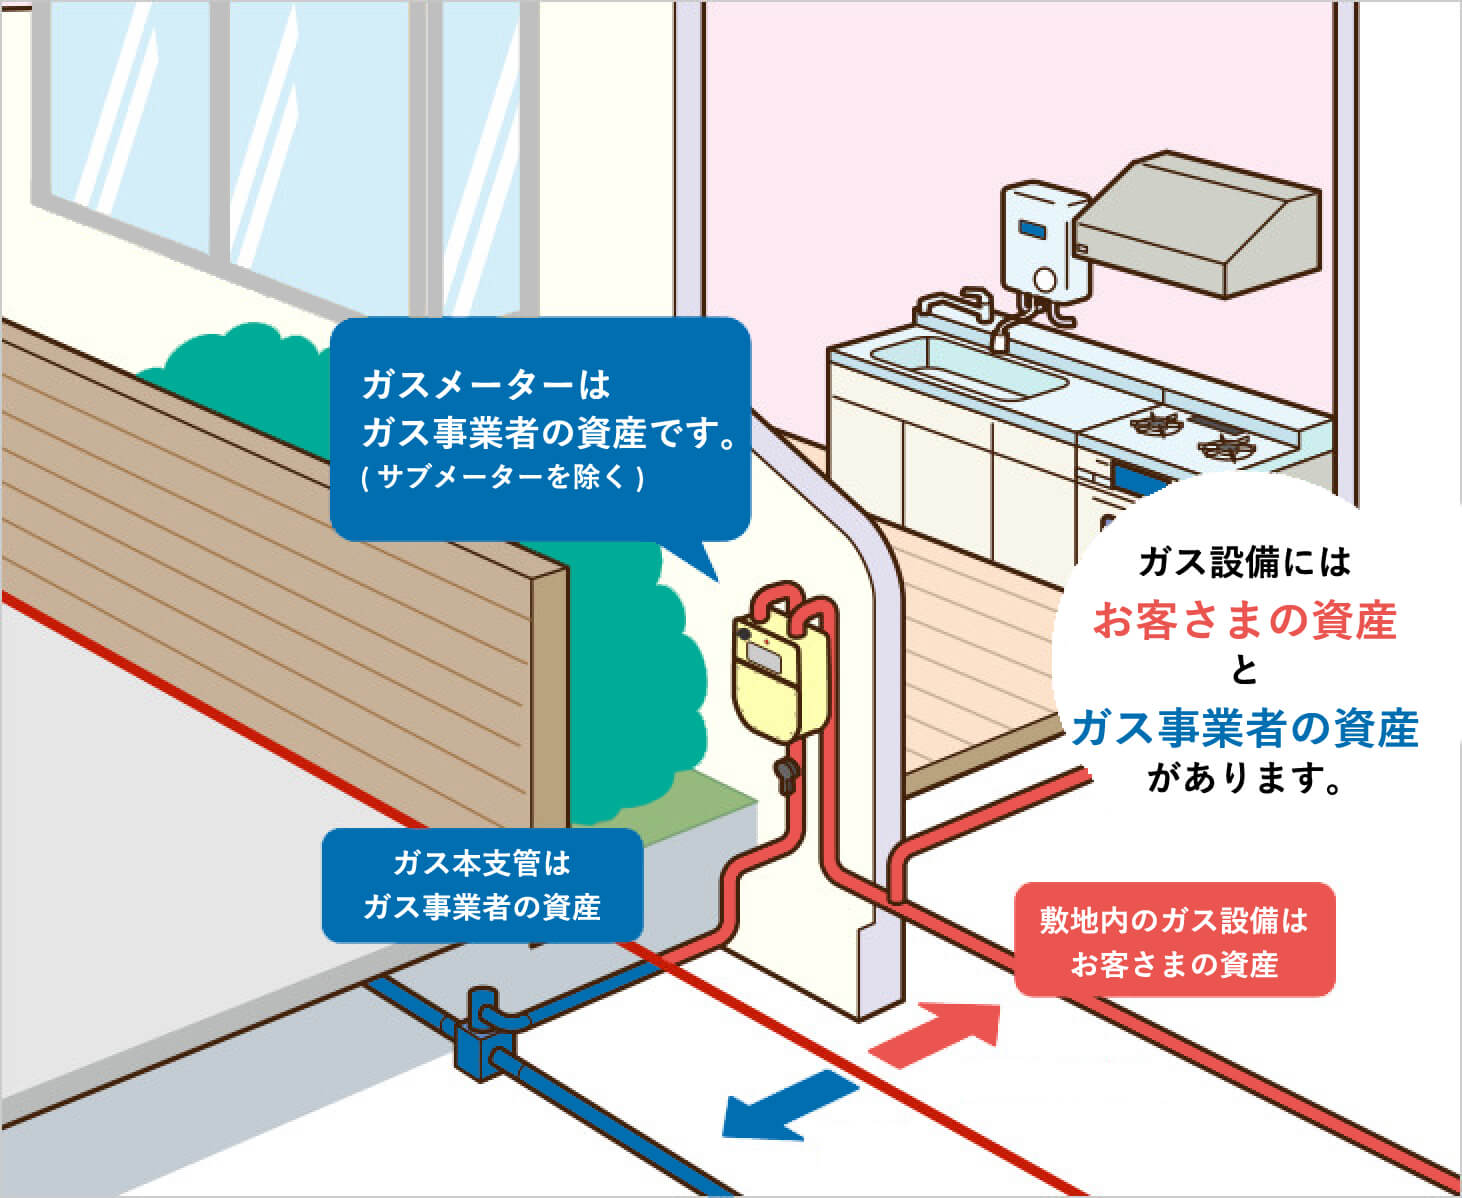 ガス管の資産区分について